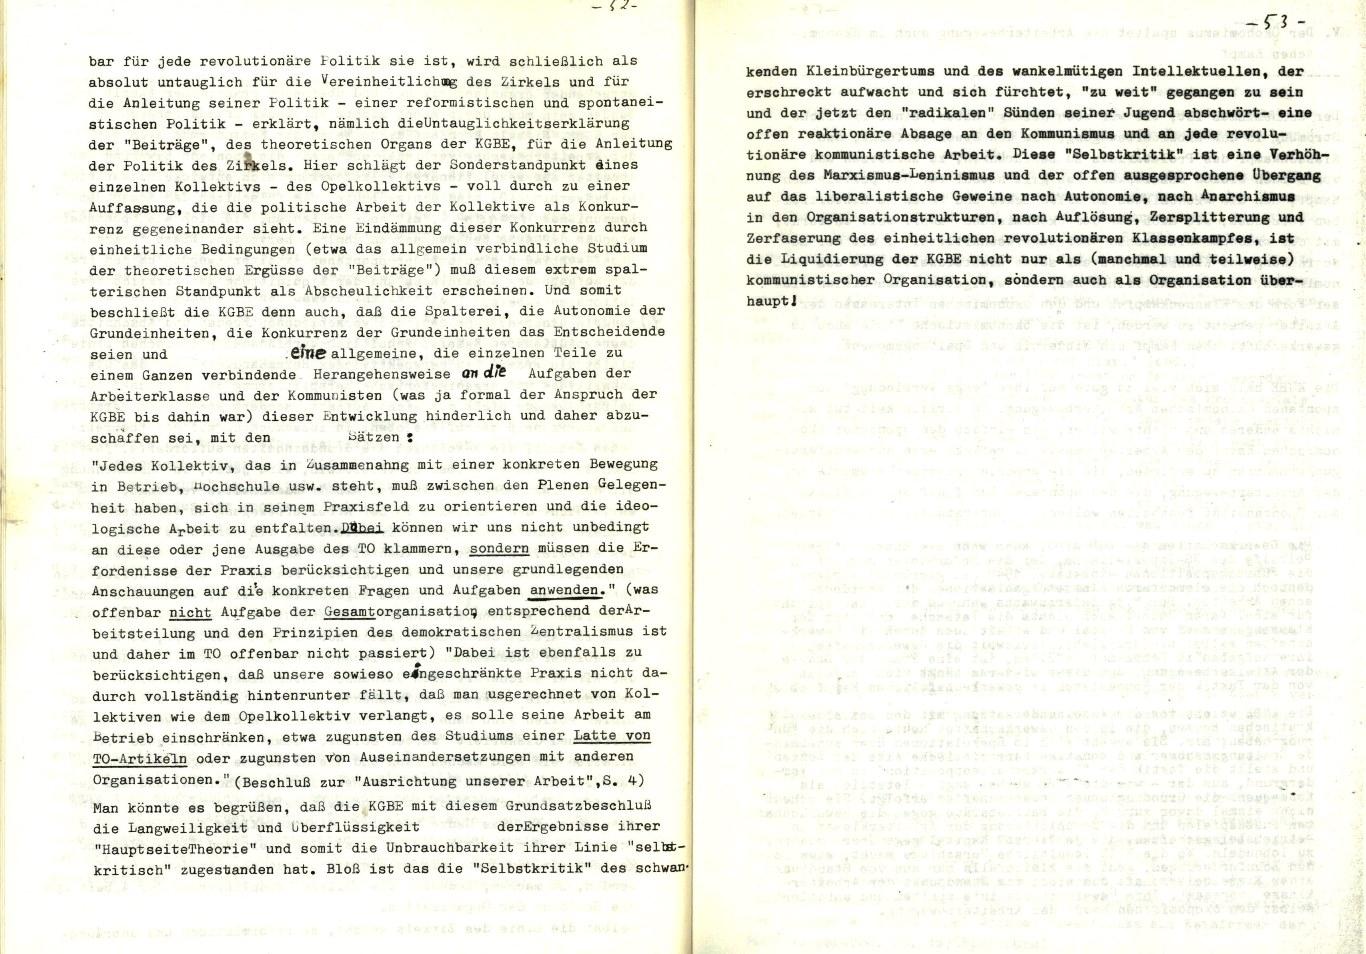 KGBE_Ehemalige_1977_Kritik_an_der_KGBE_30